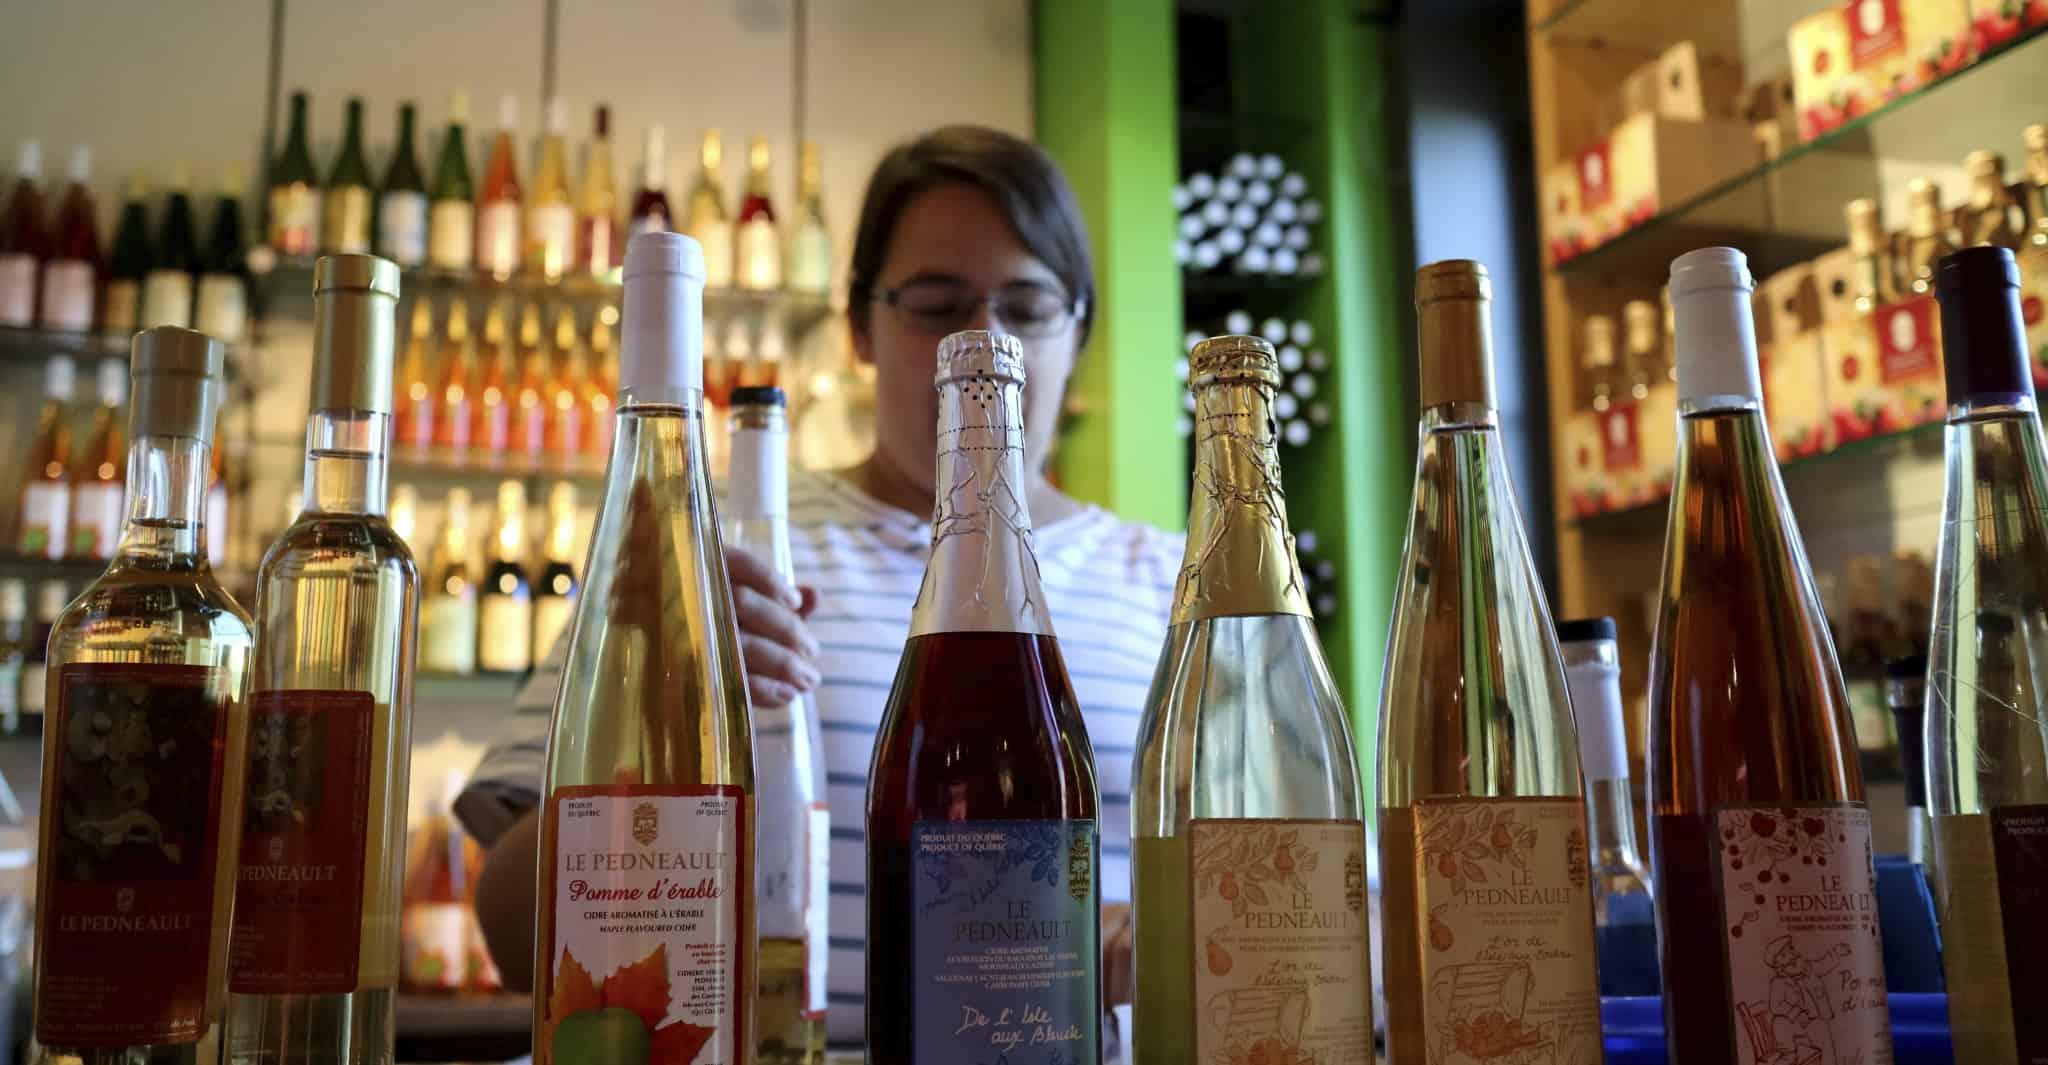 Quebec_Old City_Pedneault_bottles